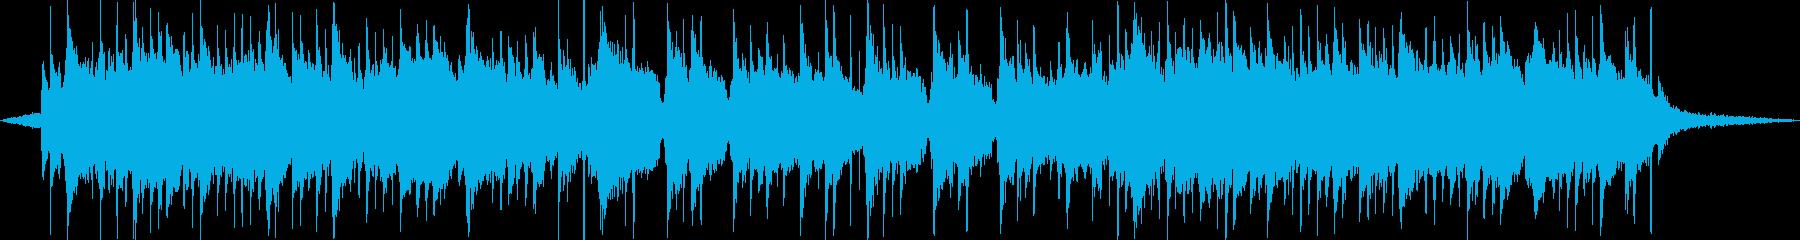 琴、尺八、三味線、切なく壮大な和風曲2の再生済みの波形